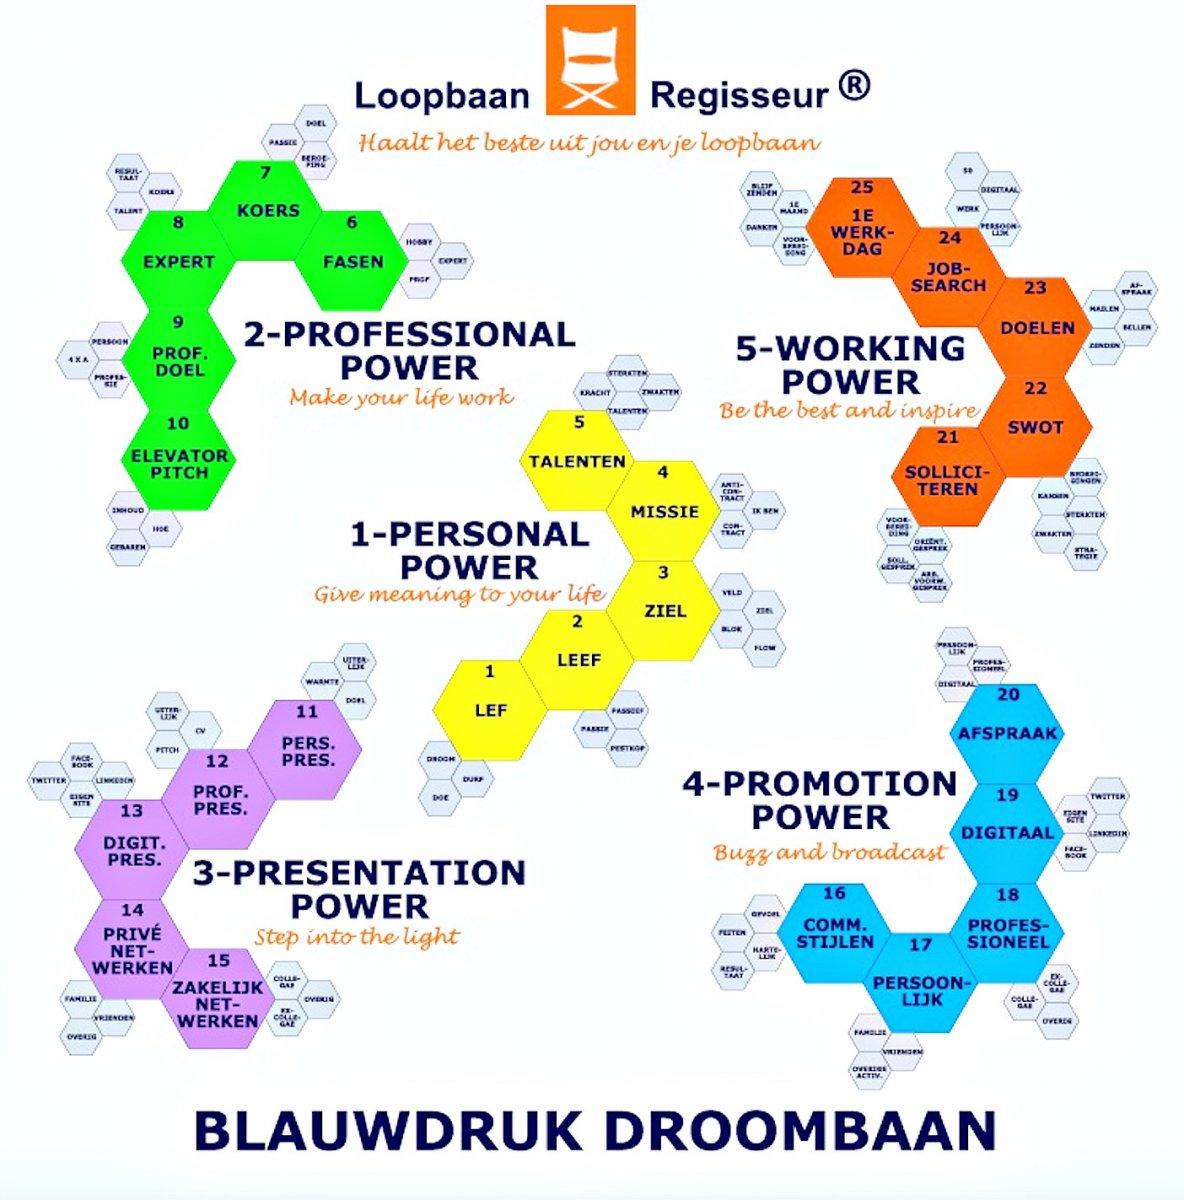 Blauwdruk Droombaan